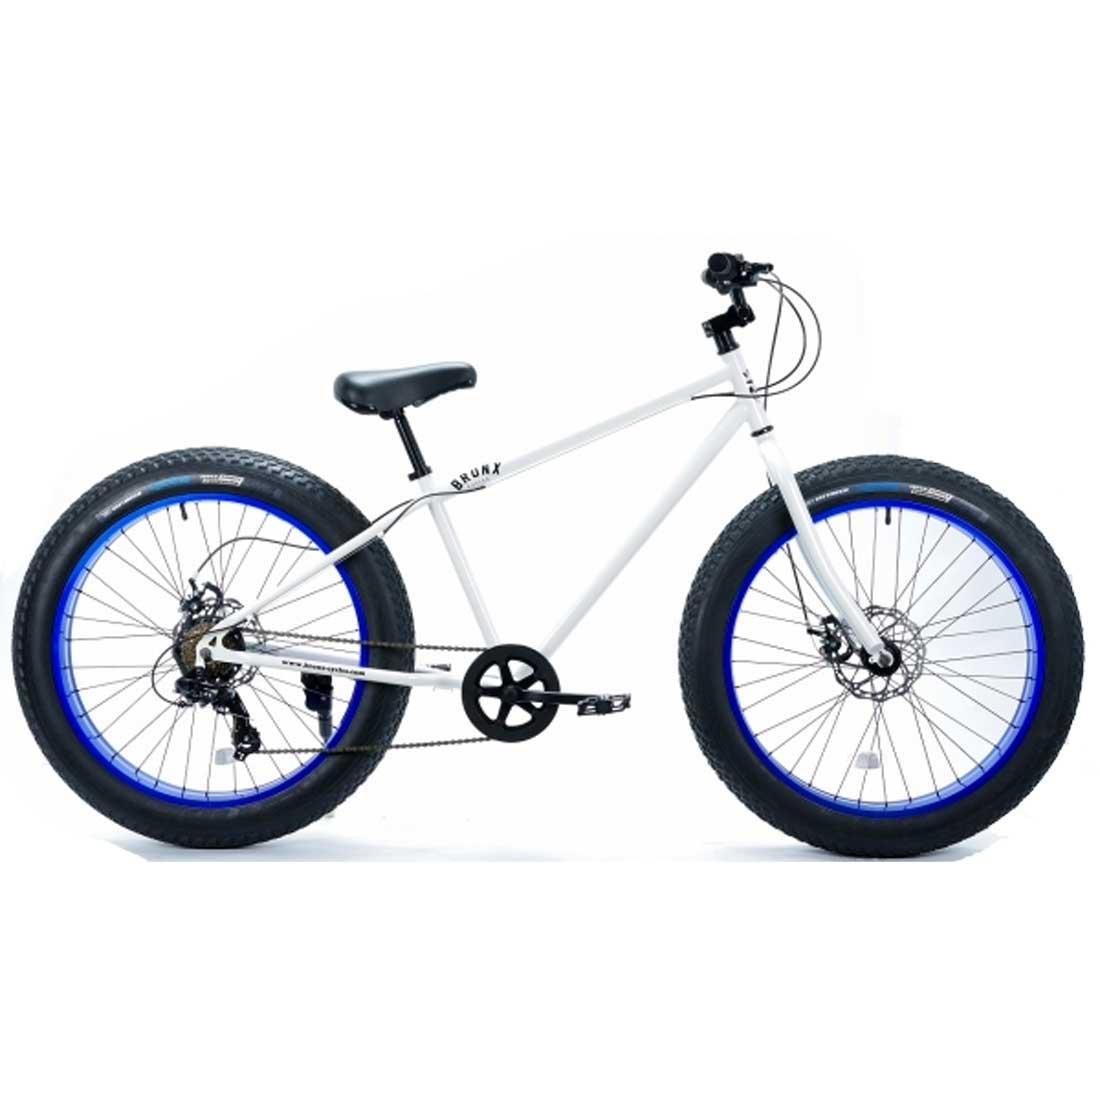 ブロンクス ファットバイク レインボー ビーチクルーザー 26インチ 極太タイヤ おしゃれ 自転車 通勤 通学 メンズ レディース マウンテンバイク 7段変速 26BRONX-DD グロスホワイト×ブルーリム